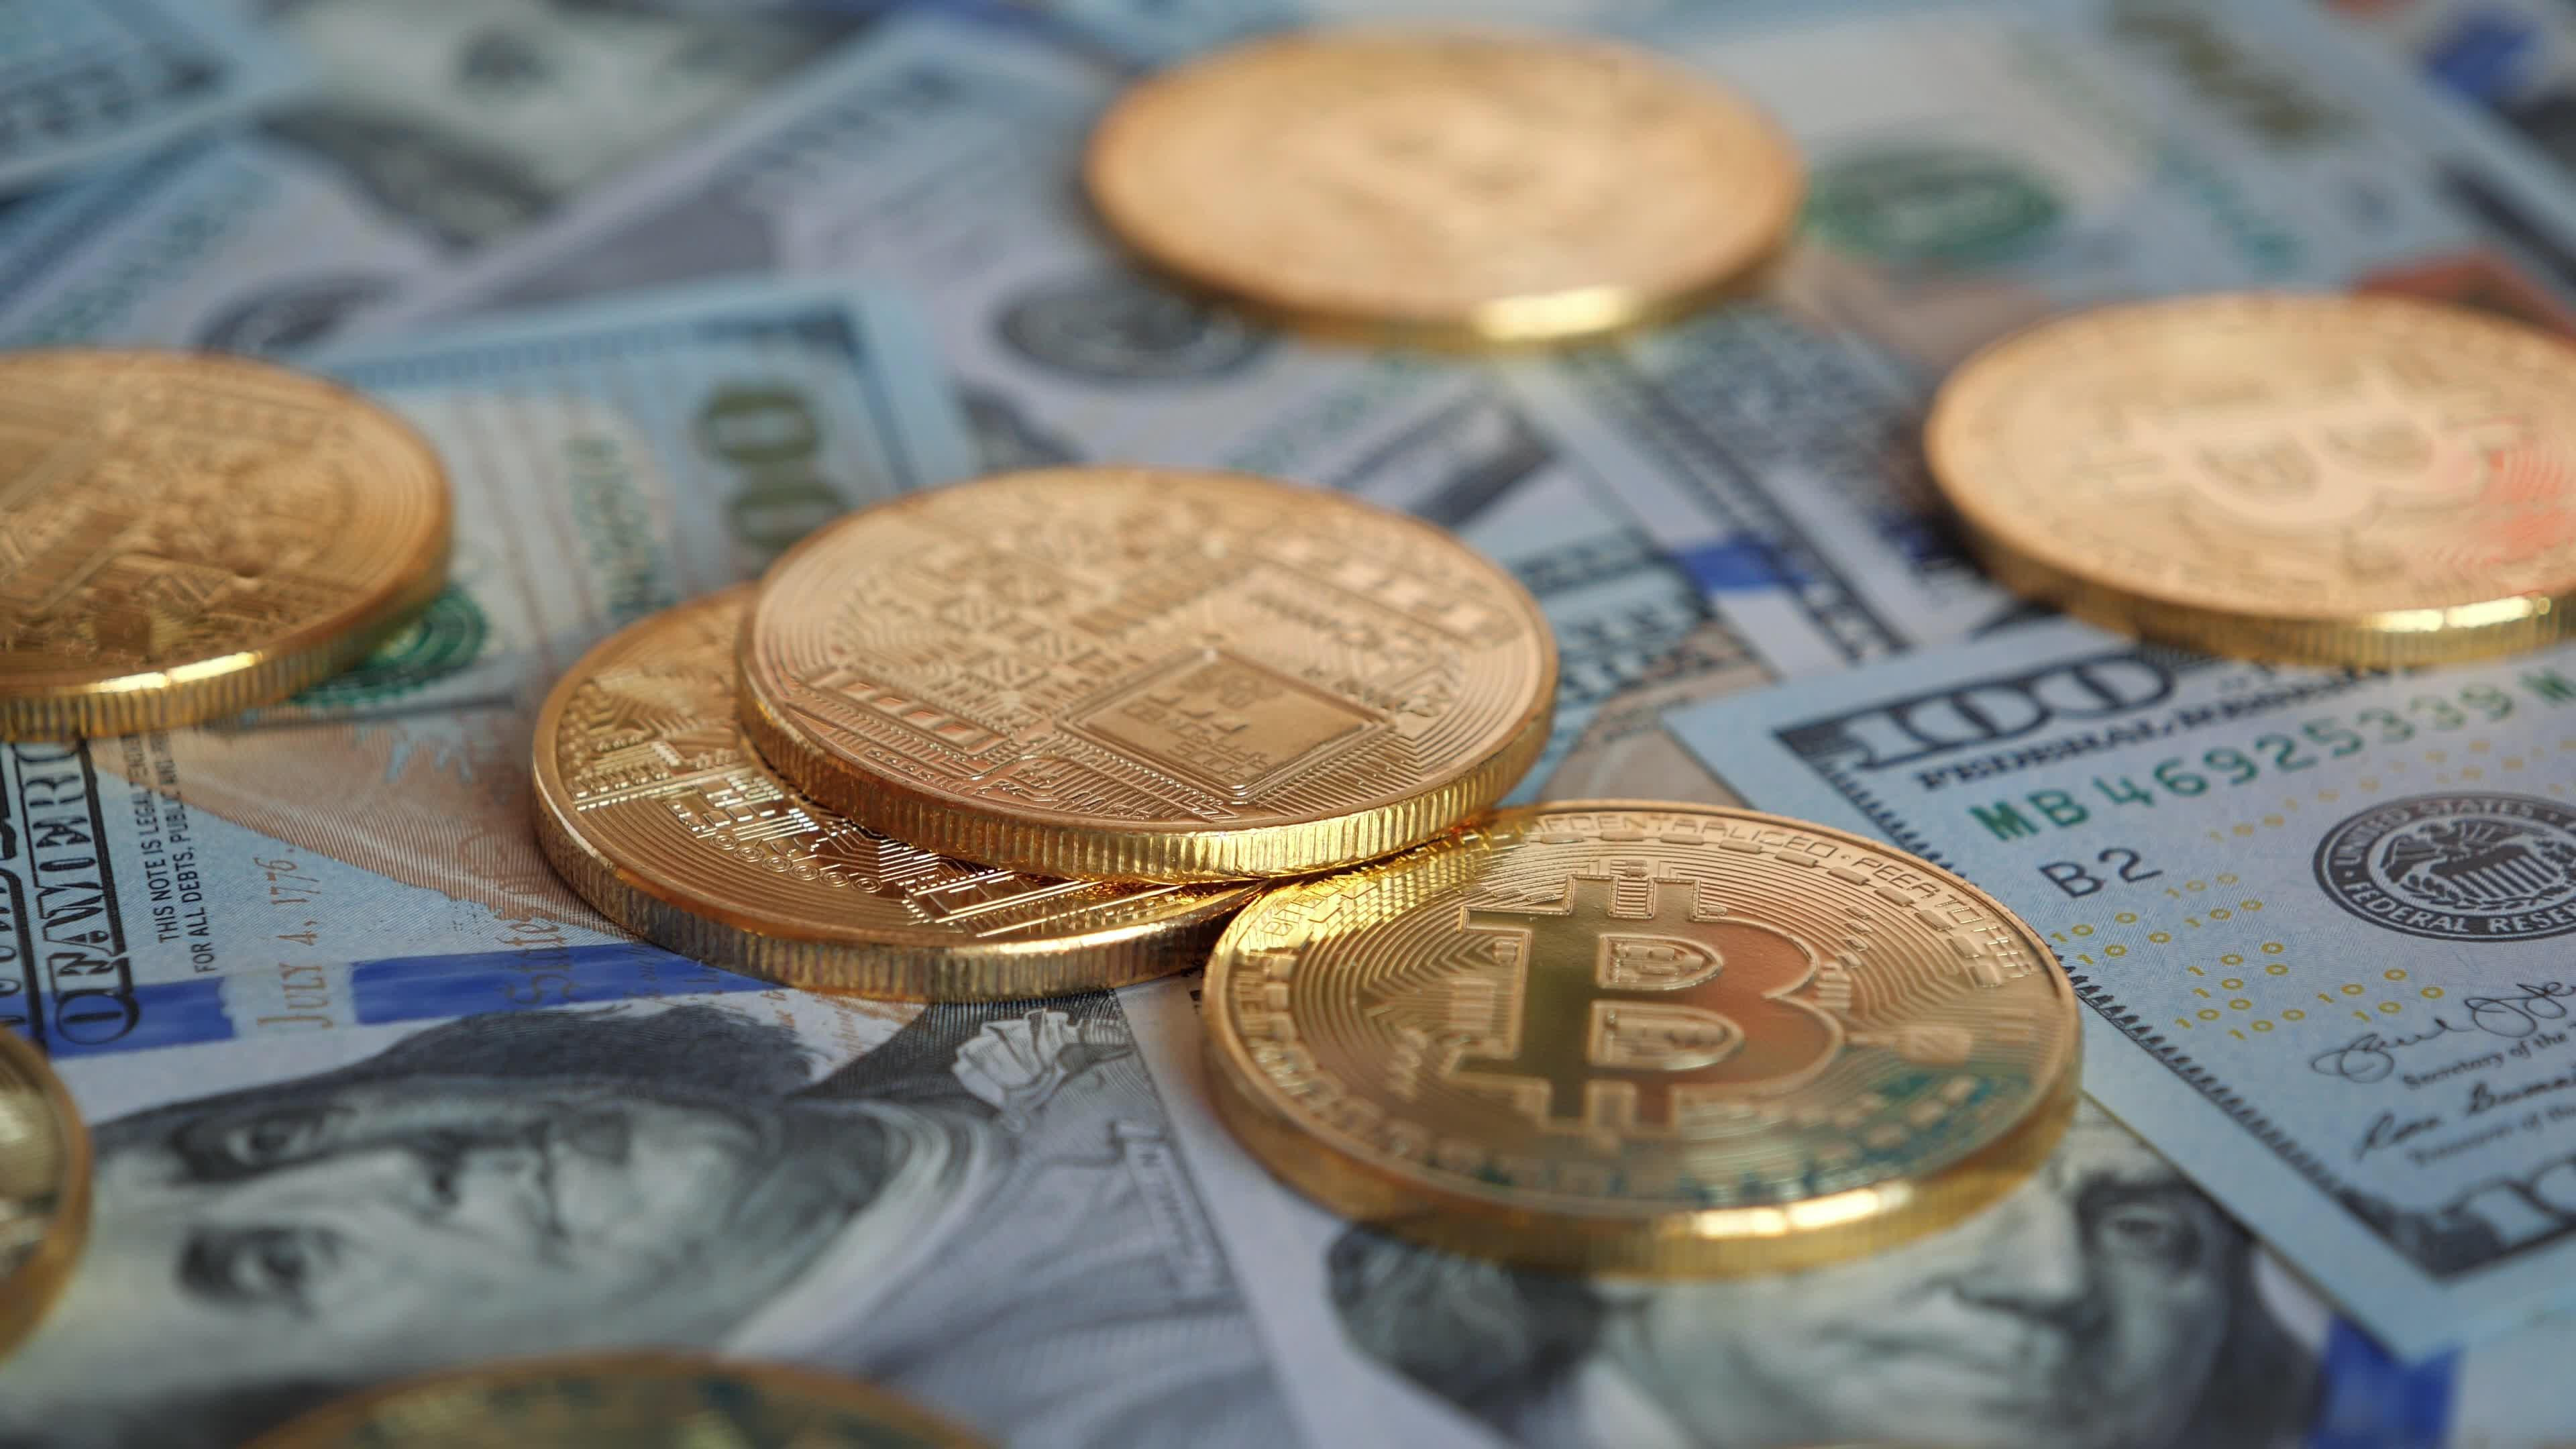 中币(ZB)研究院:比特币成法定货币,全球宏观经济格局悄然转变